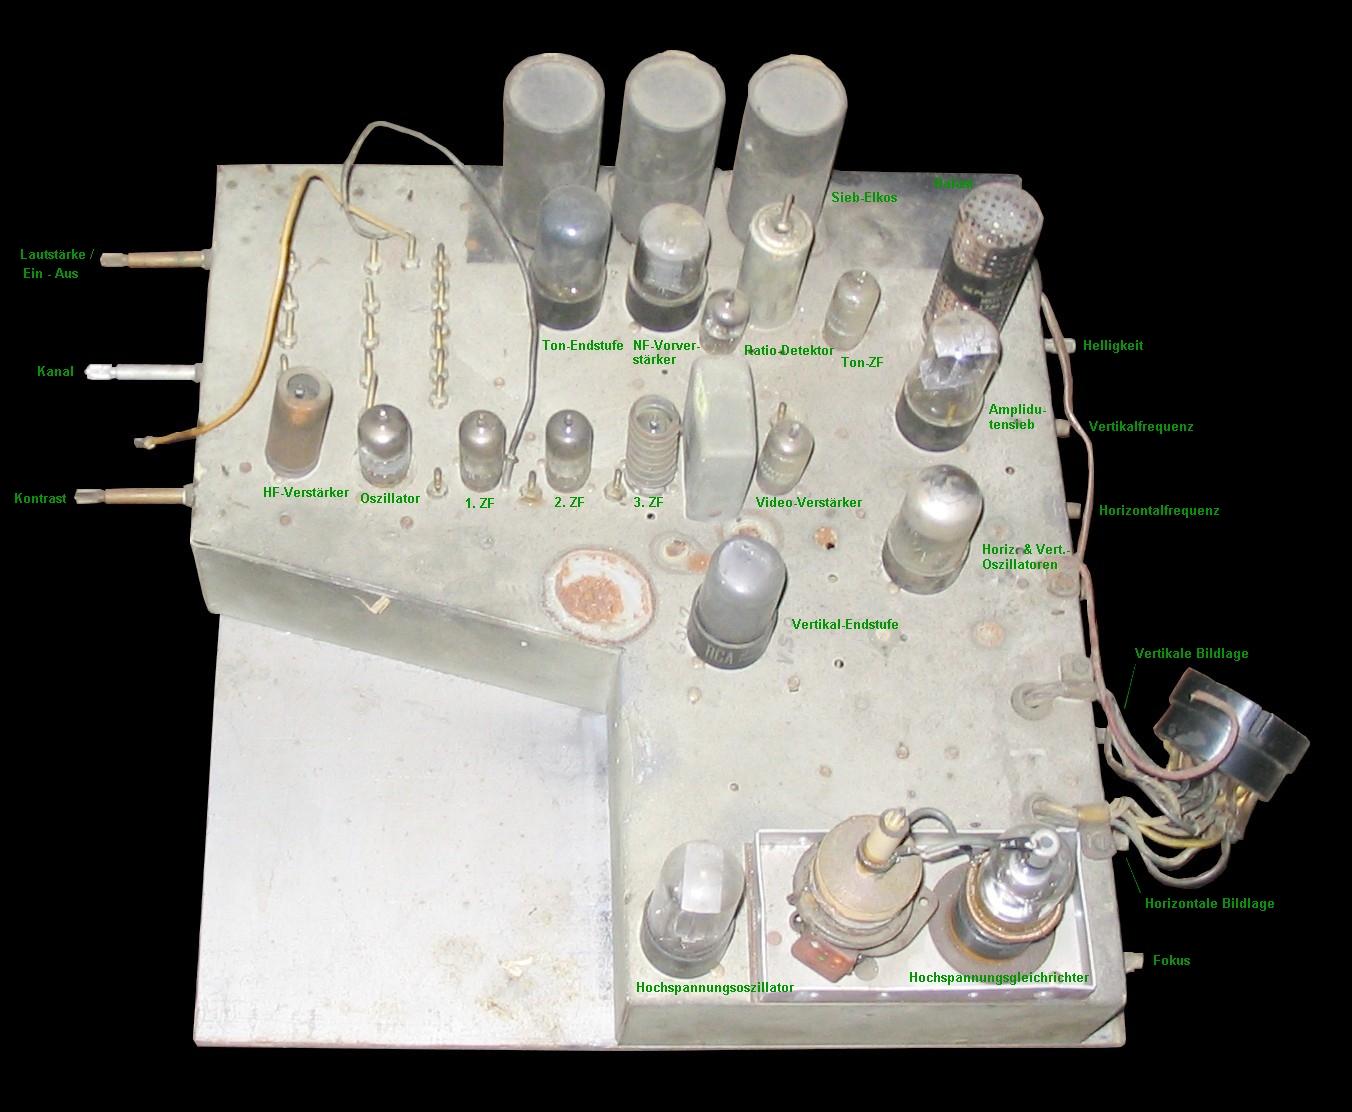 Erfreut Fokus Schaltplan Bilder - Elektrische Schaltplan-Ideen ...